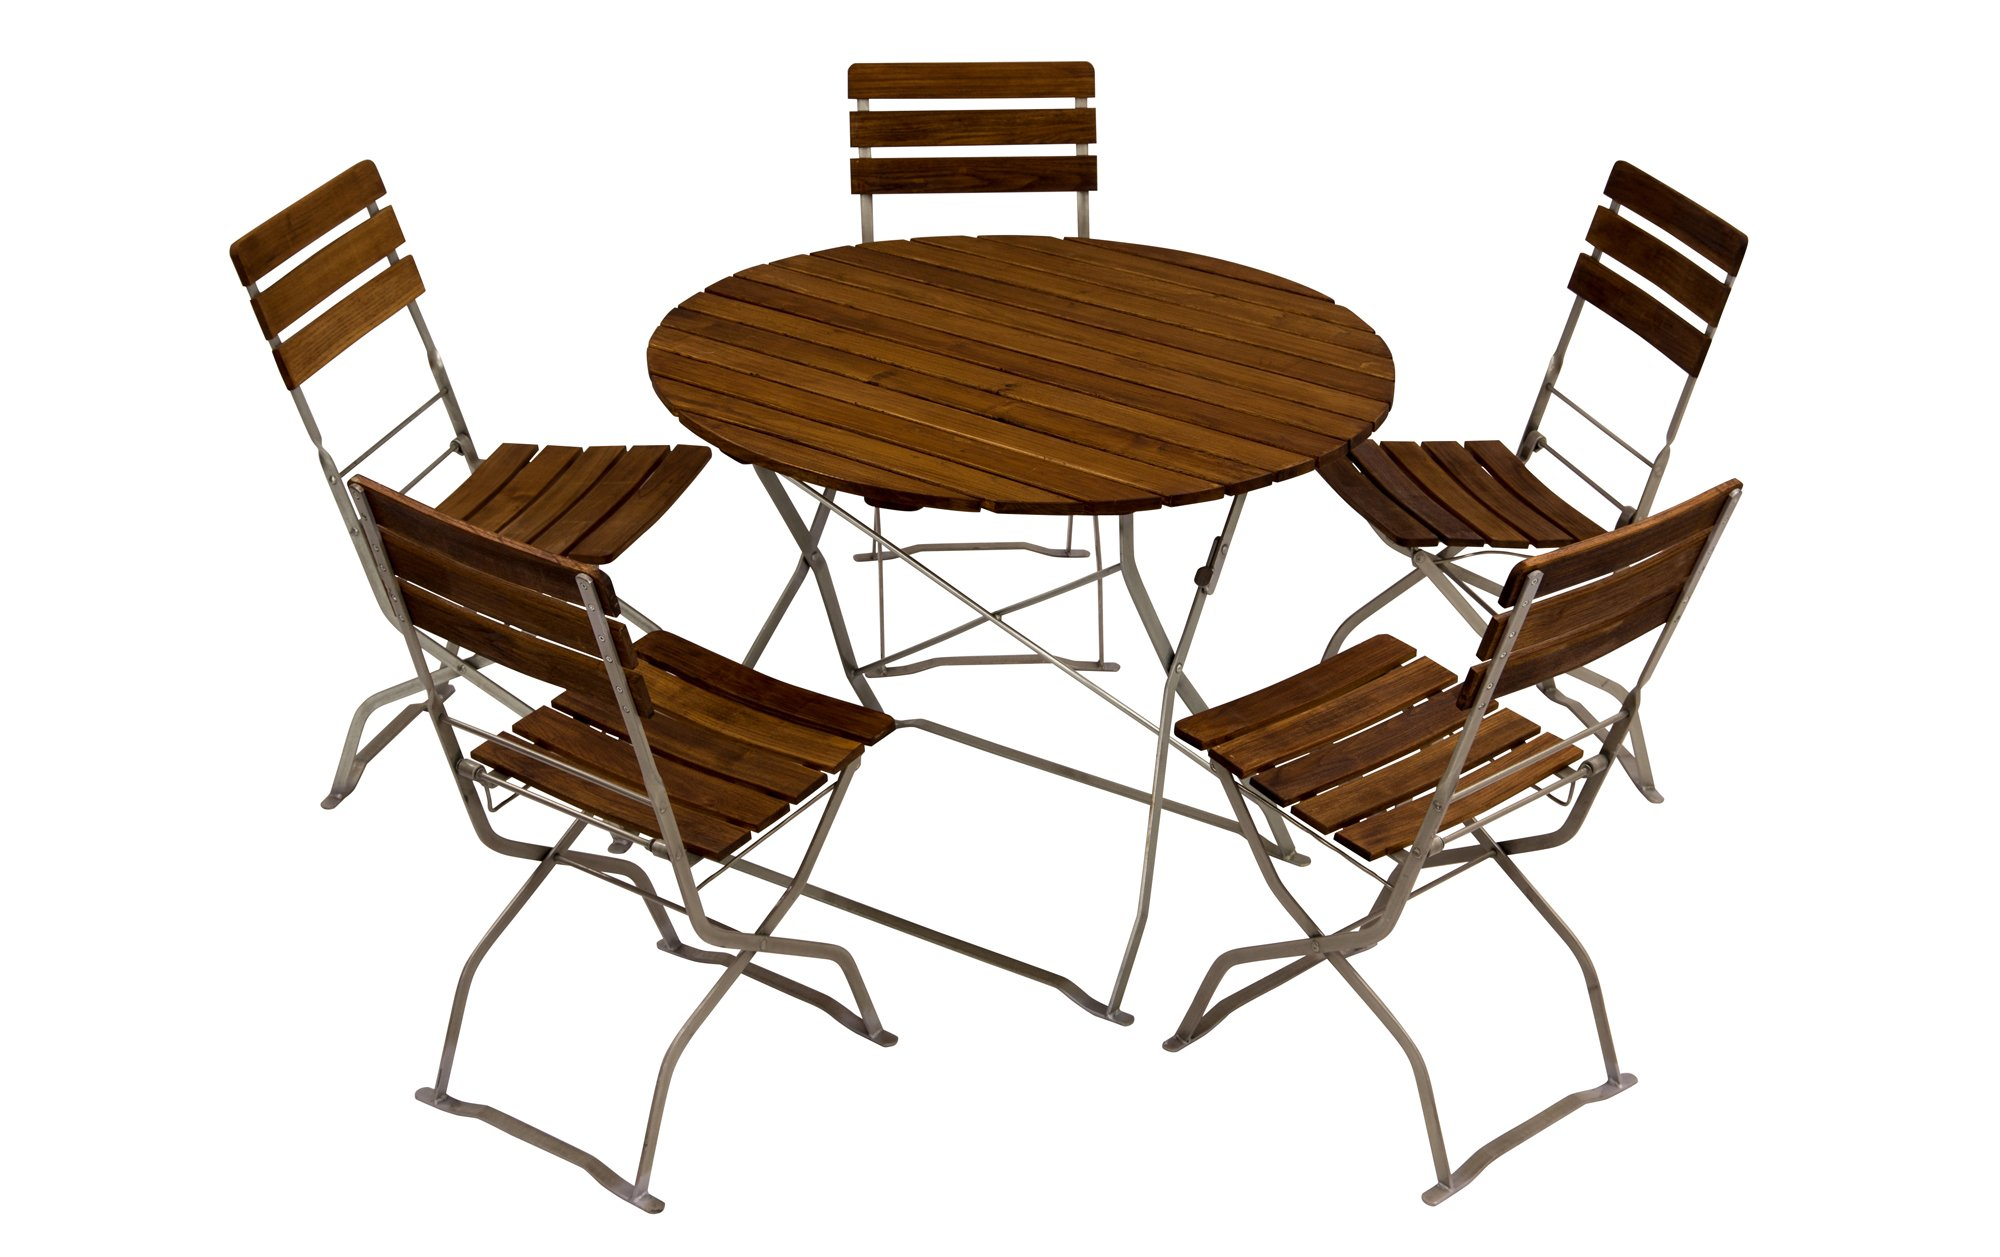 Groß Rundküchentisch Und Stühle Fotos - Küchenschrank Ideen ...